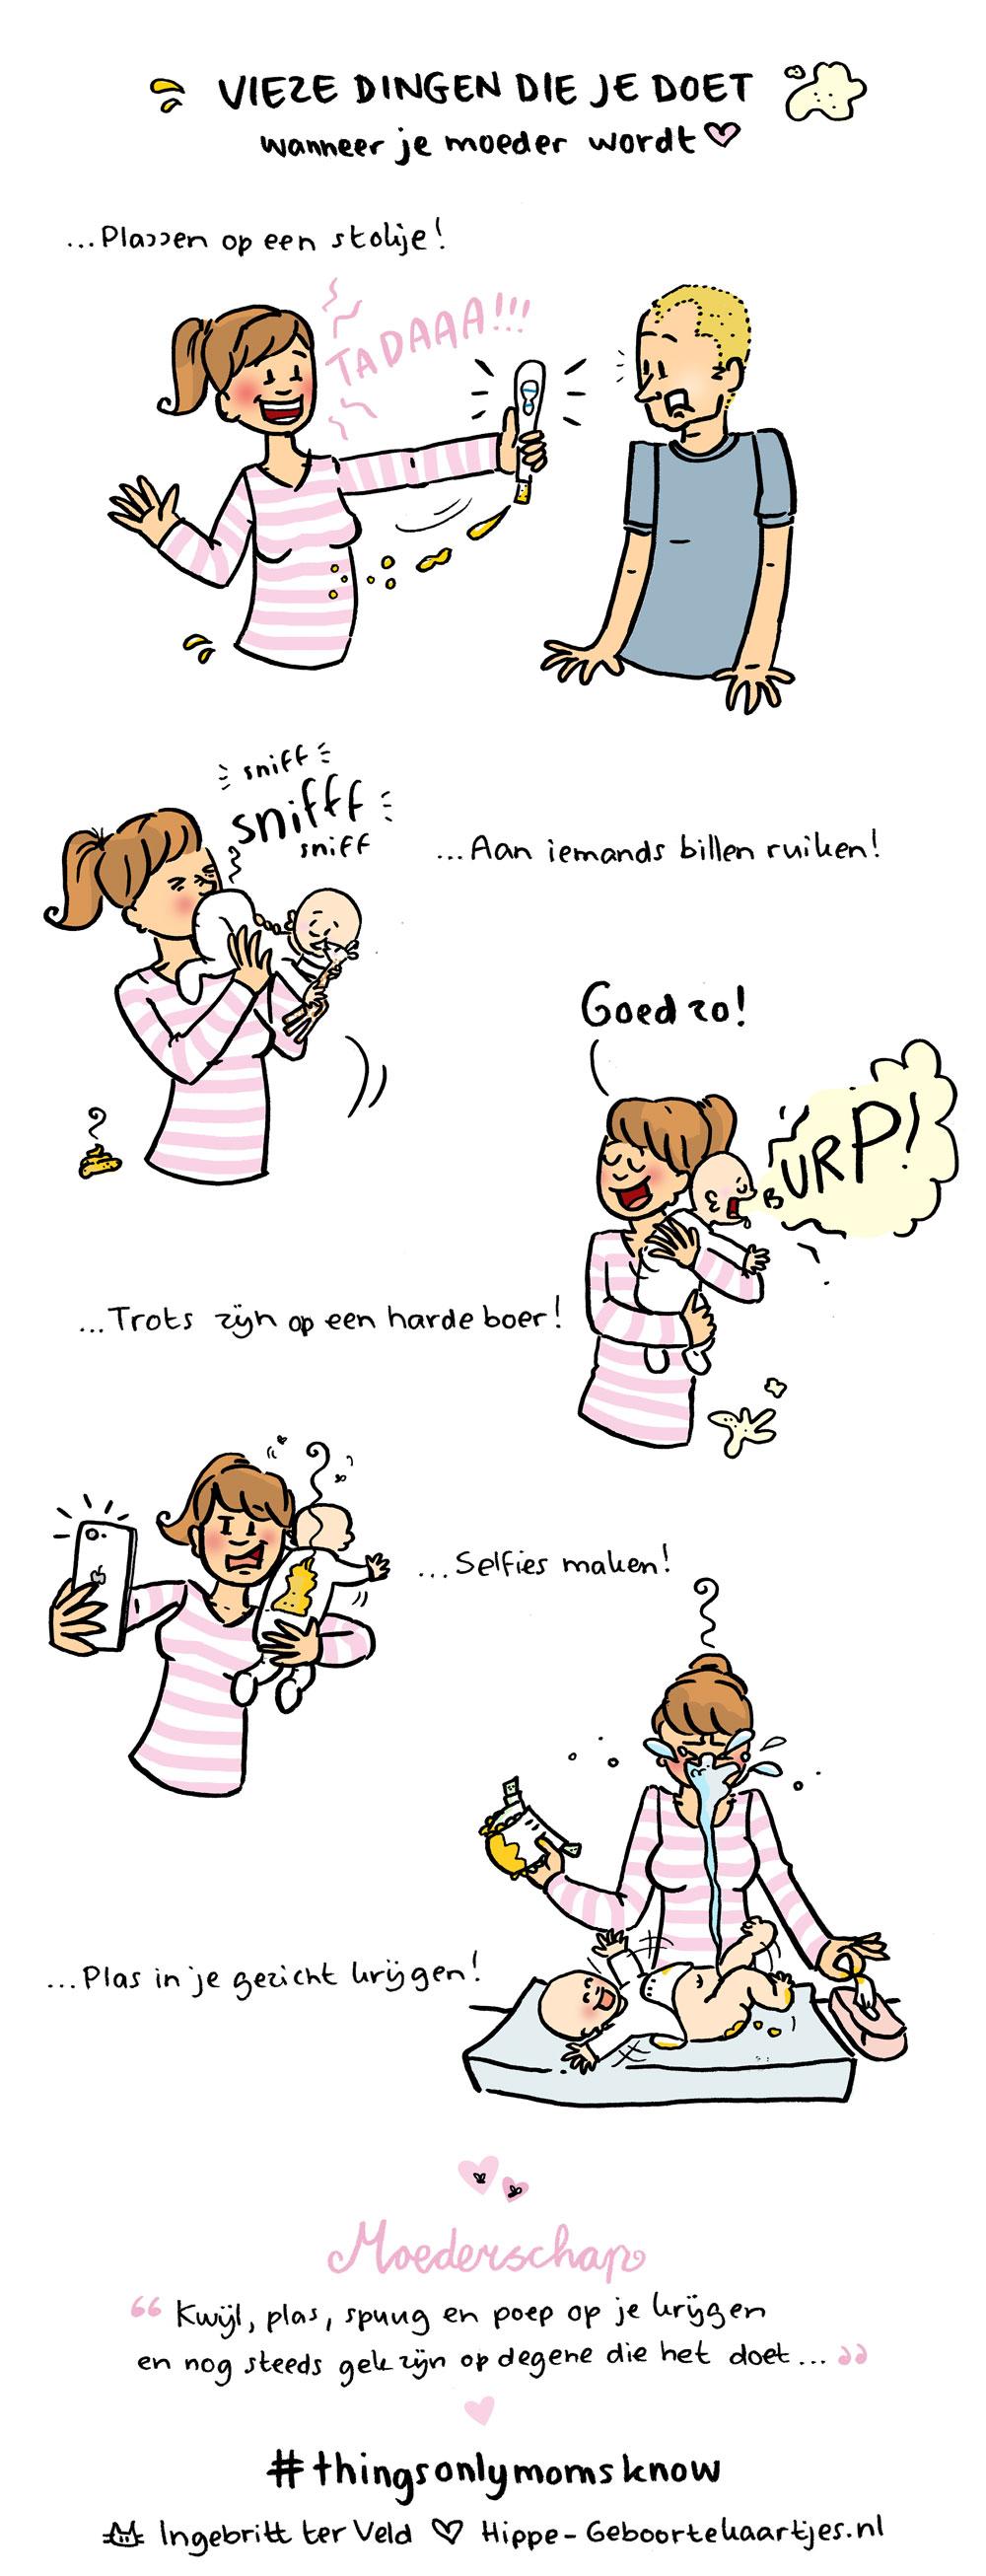 Vies - Deze cartoons beschrijven het moederschap